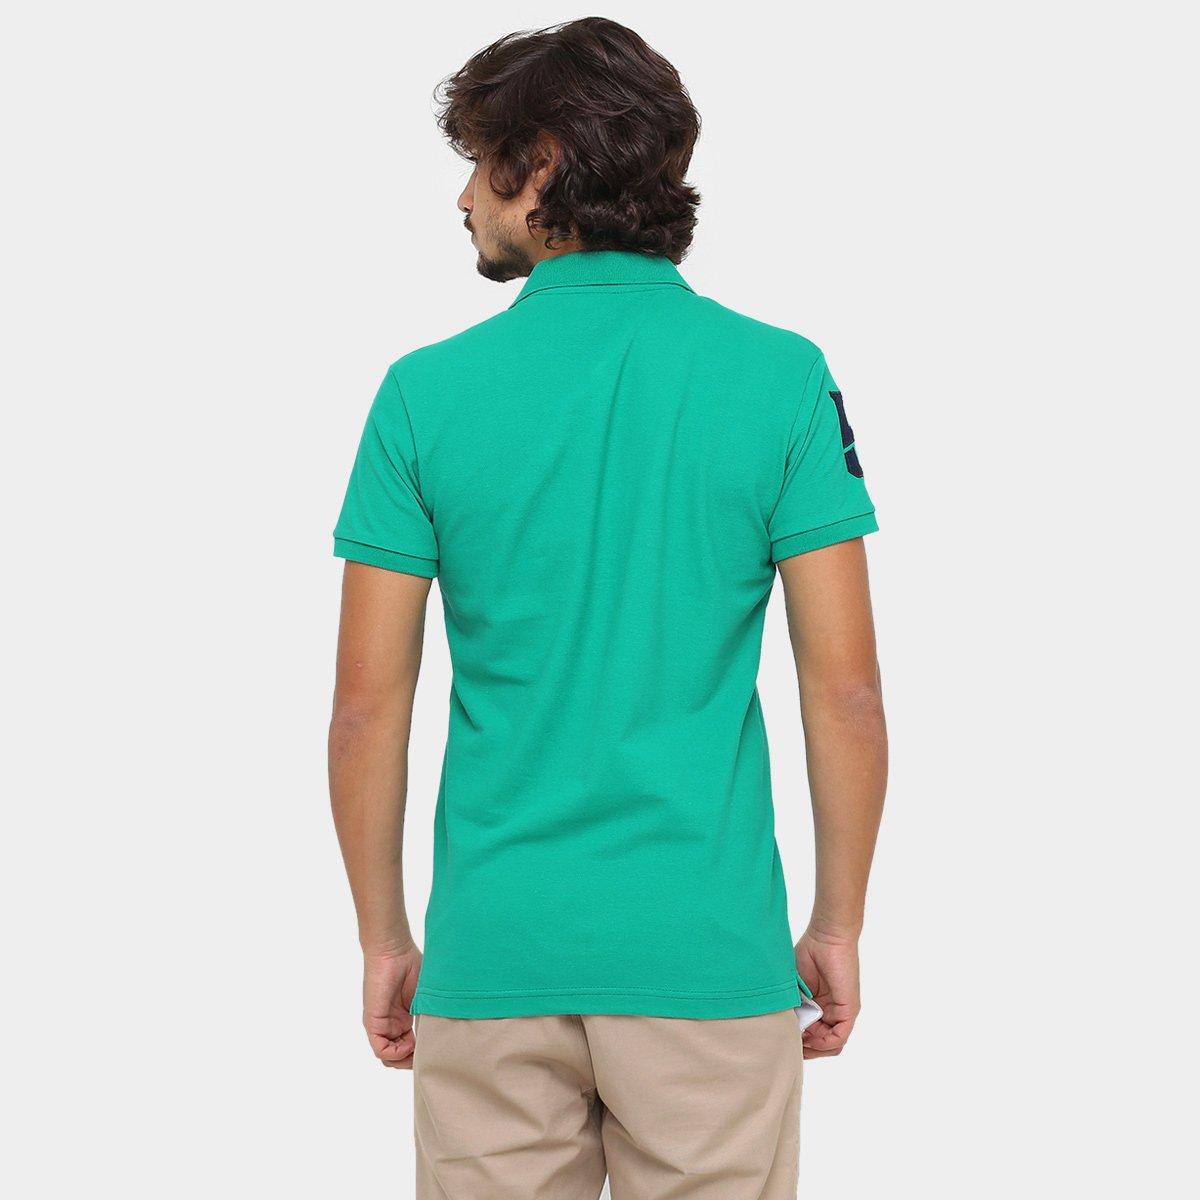 Camisa Polo RG 518 Piquet Básica Masculina - Verde água - Compre ... 95225ee2955a7